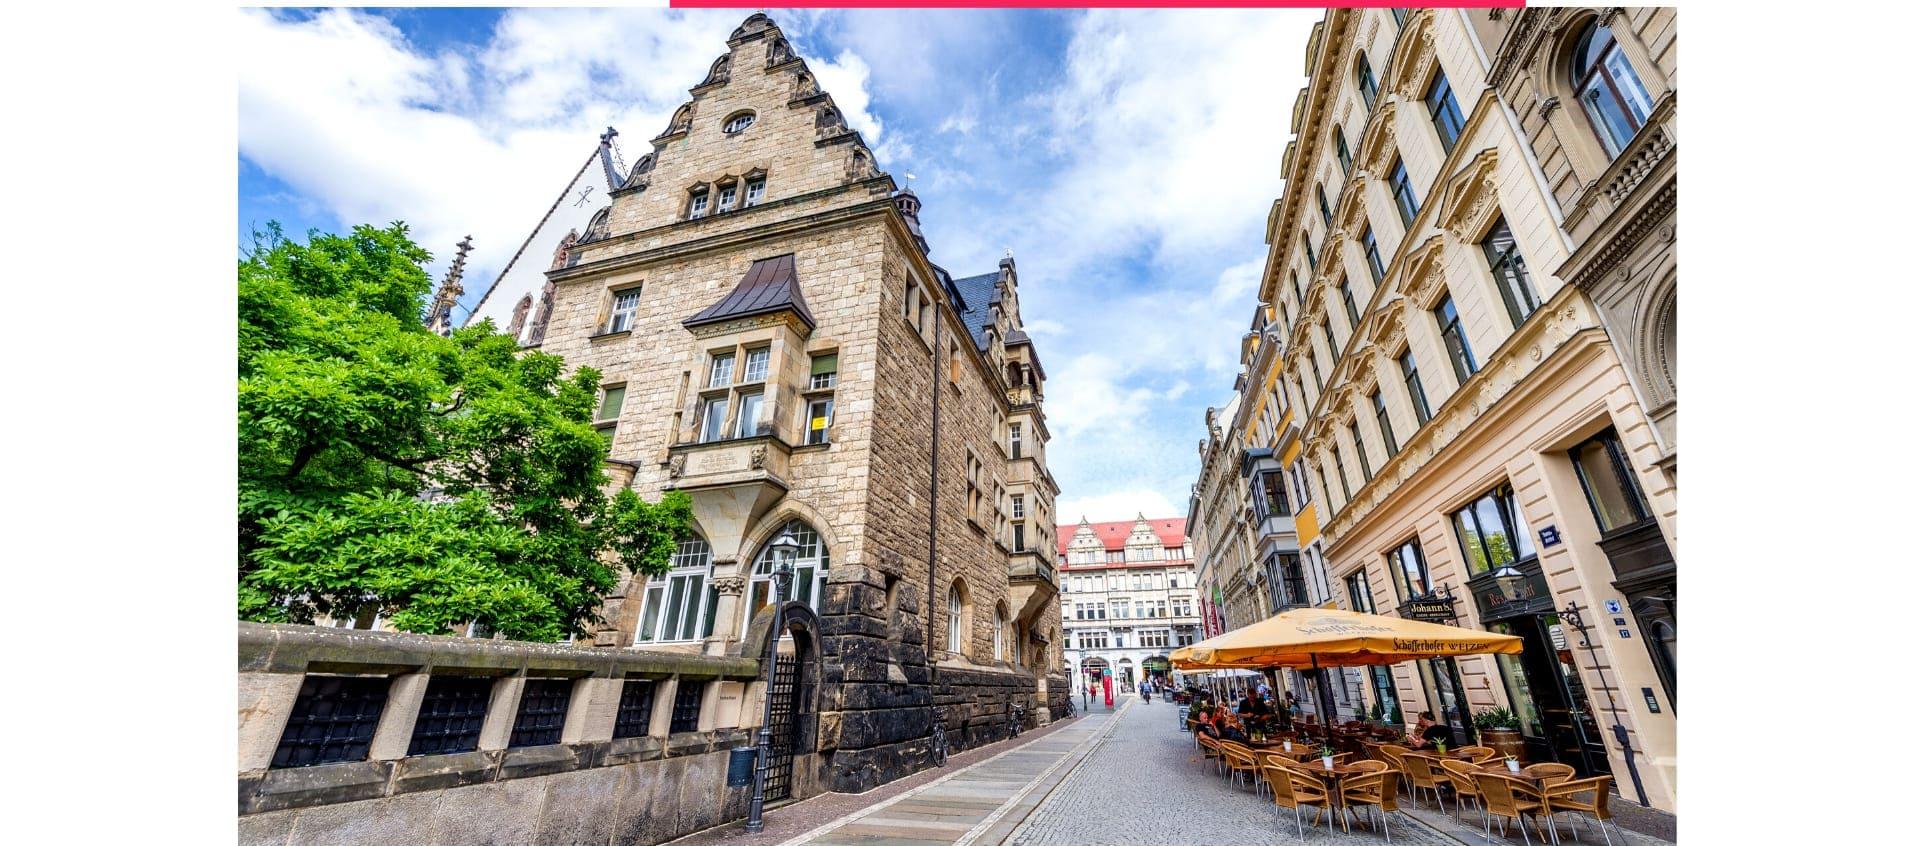 Historischer Altbau in einer Fußgängerzone von Leipzig.